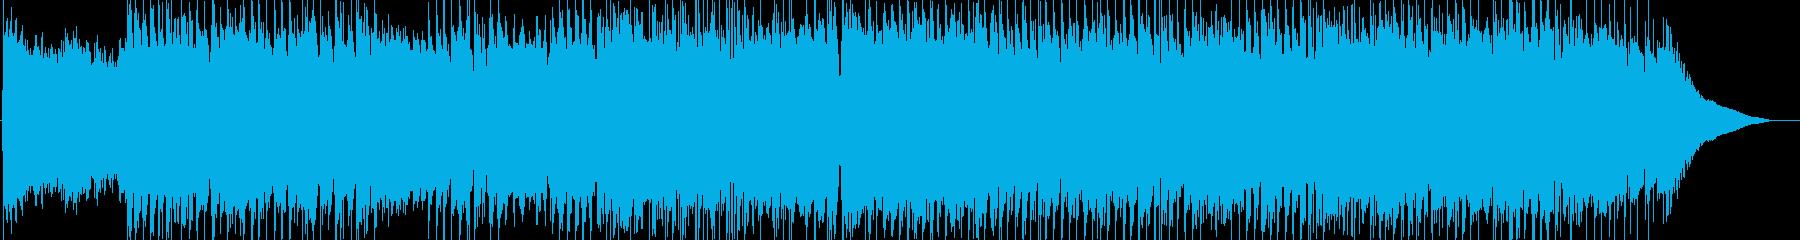 80年代歌謡曲風の再生済みの波形